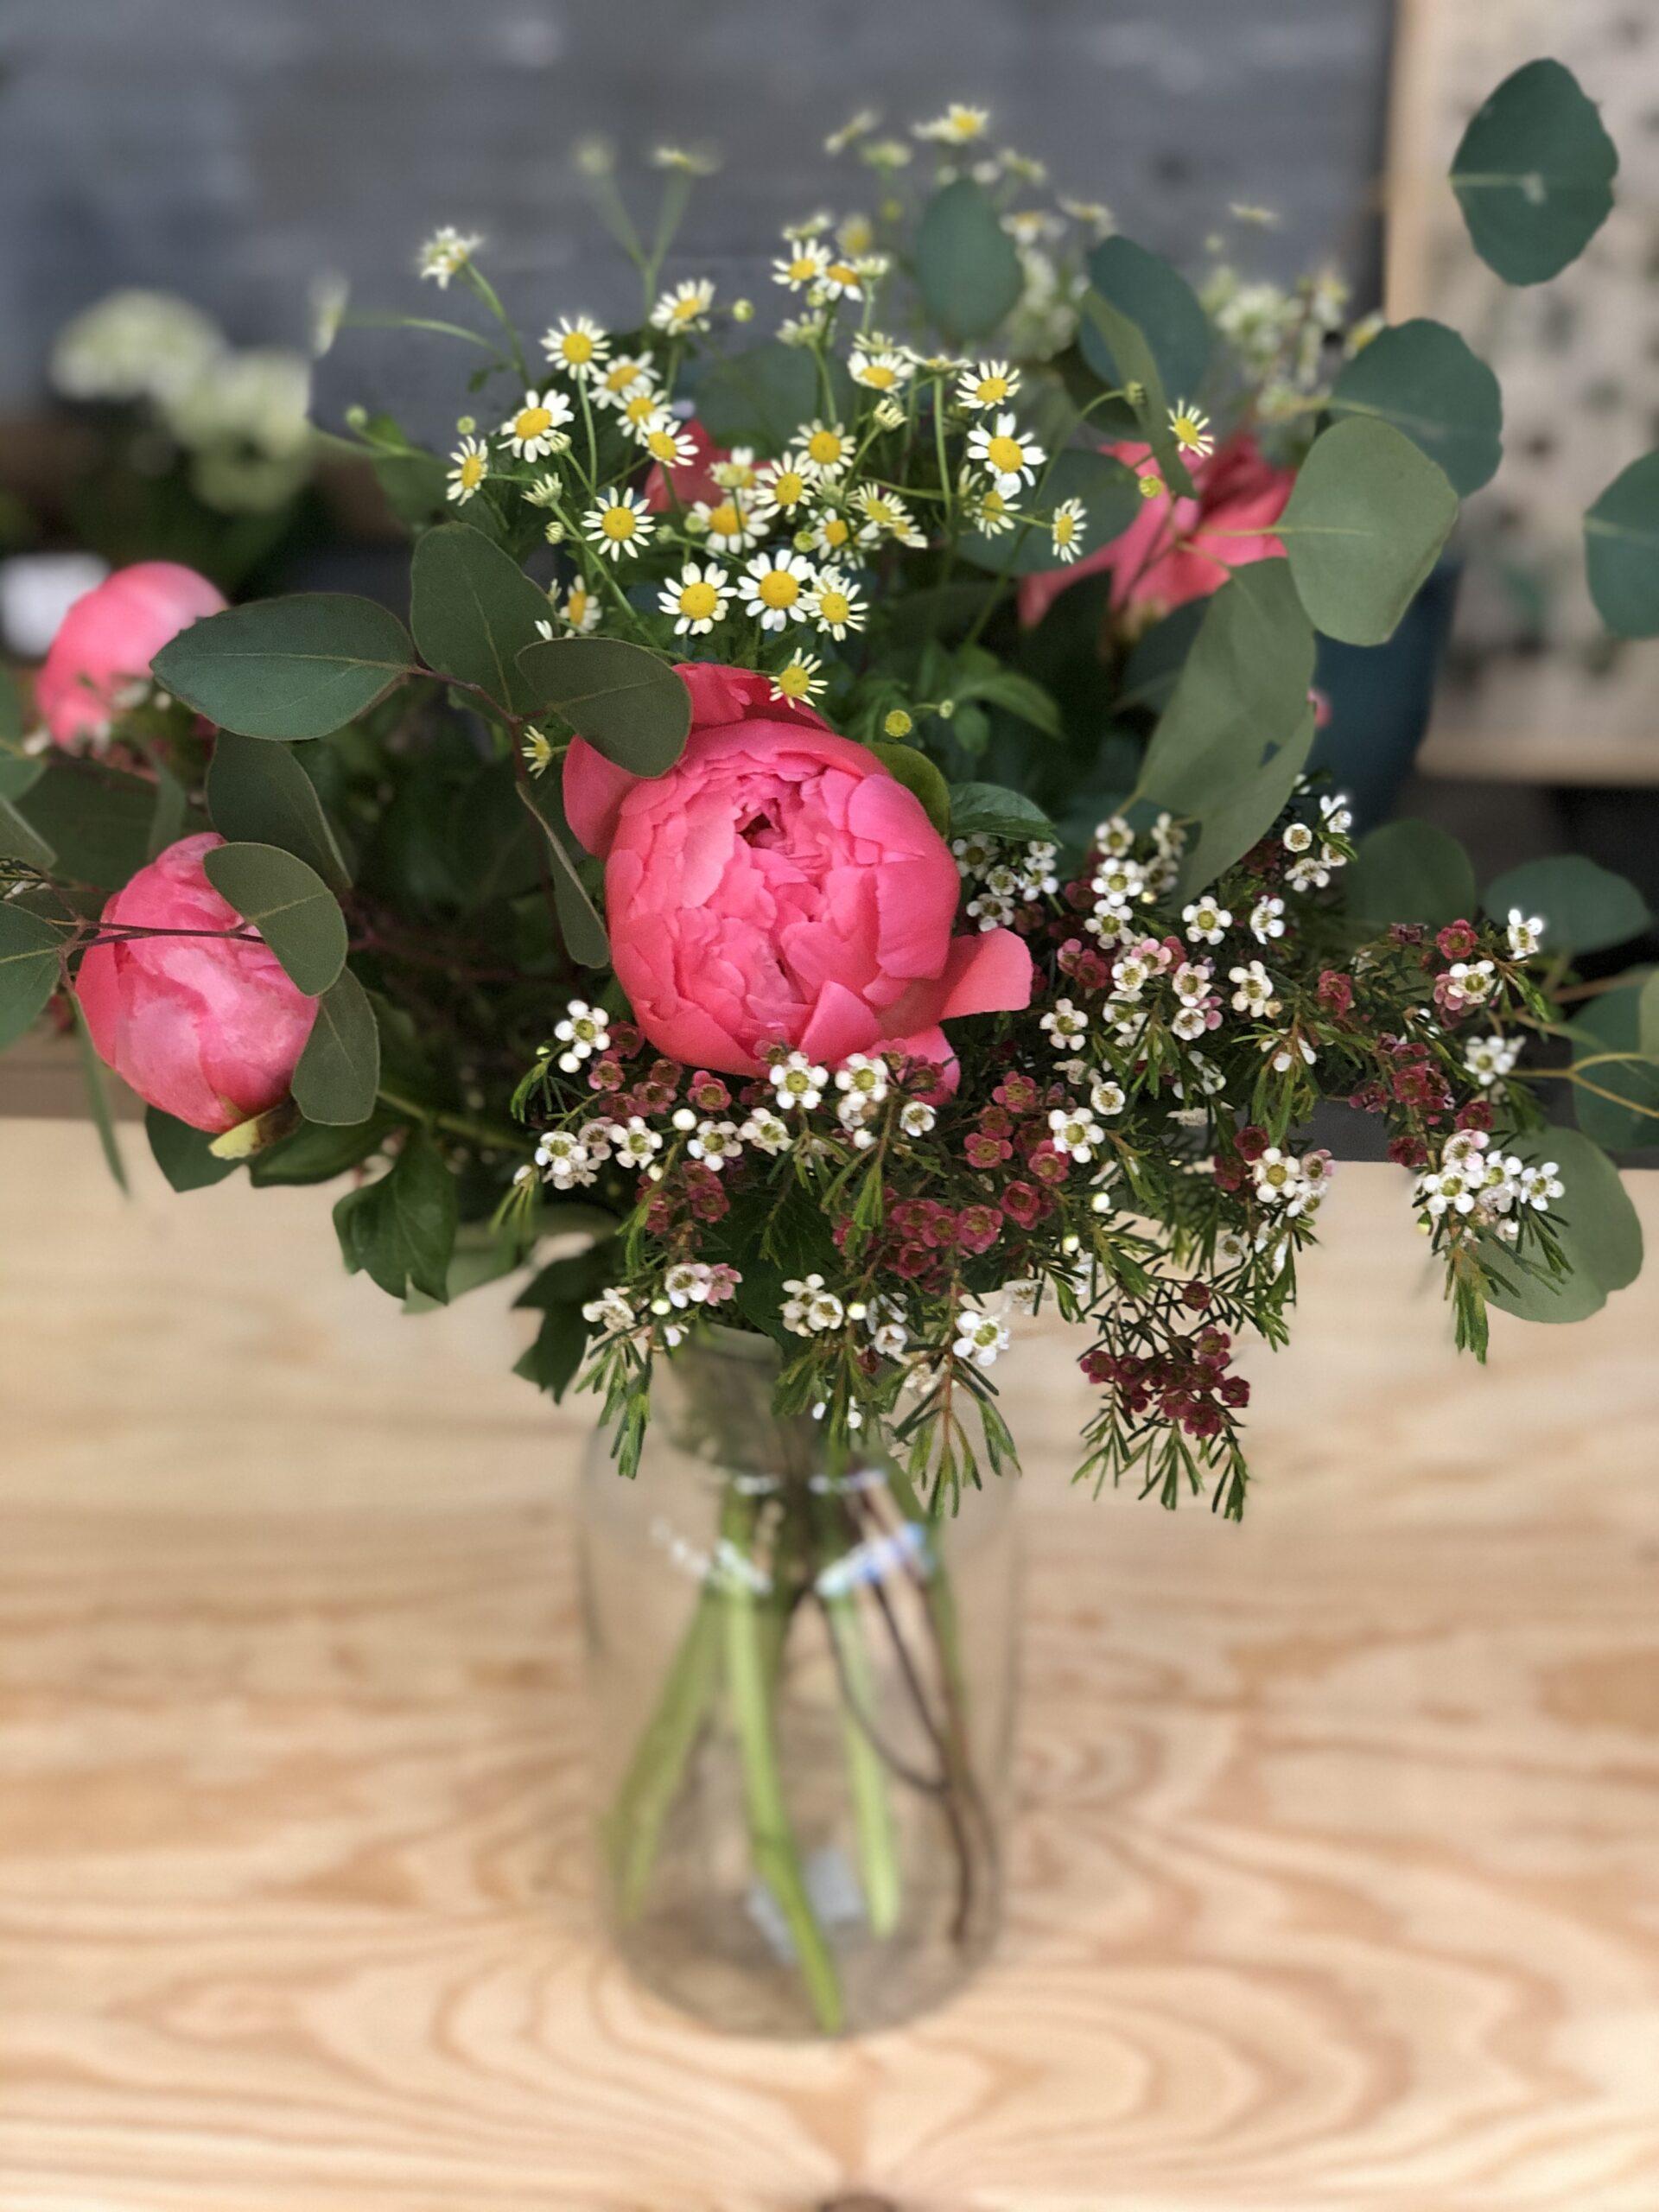 Nädal 8 vaasitäis lillerõõmu